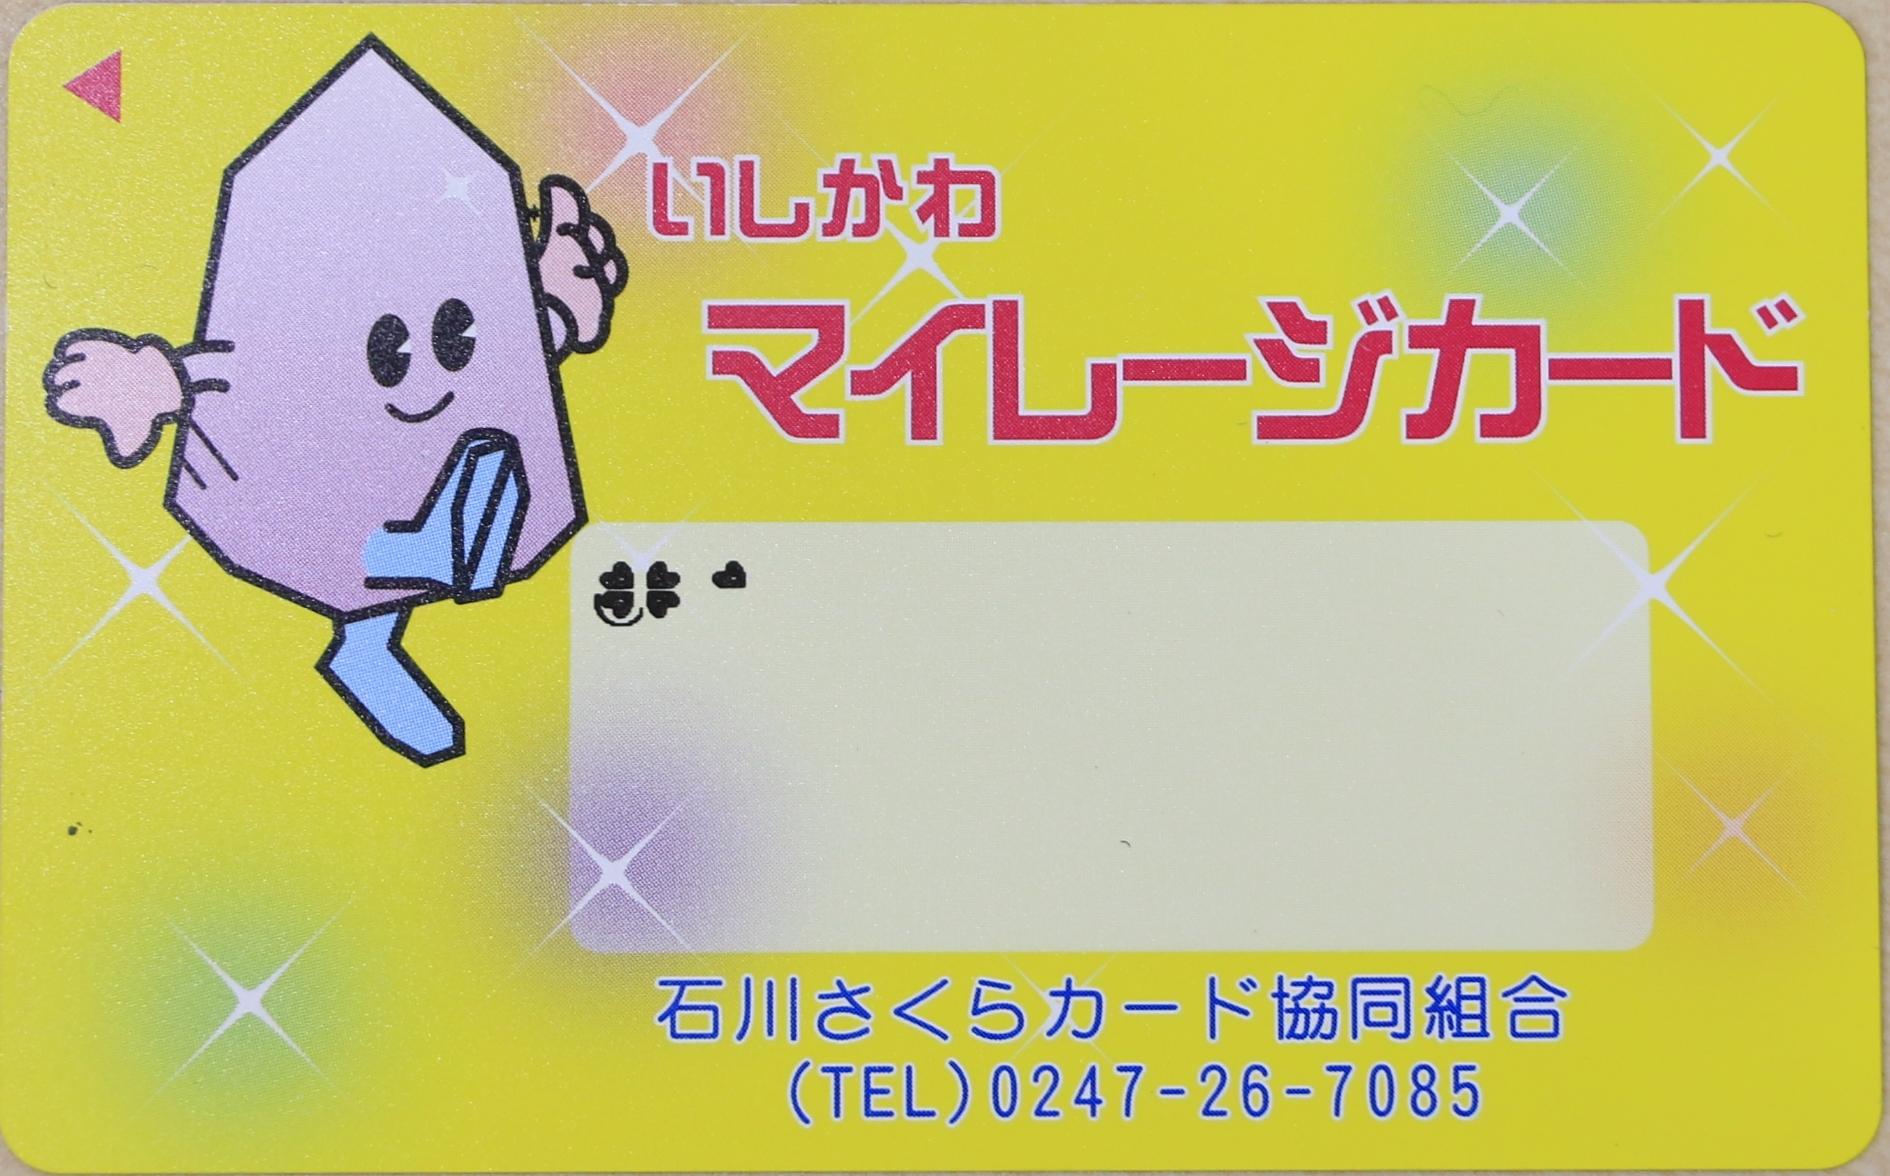 マイレージカード.JPG